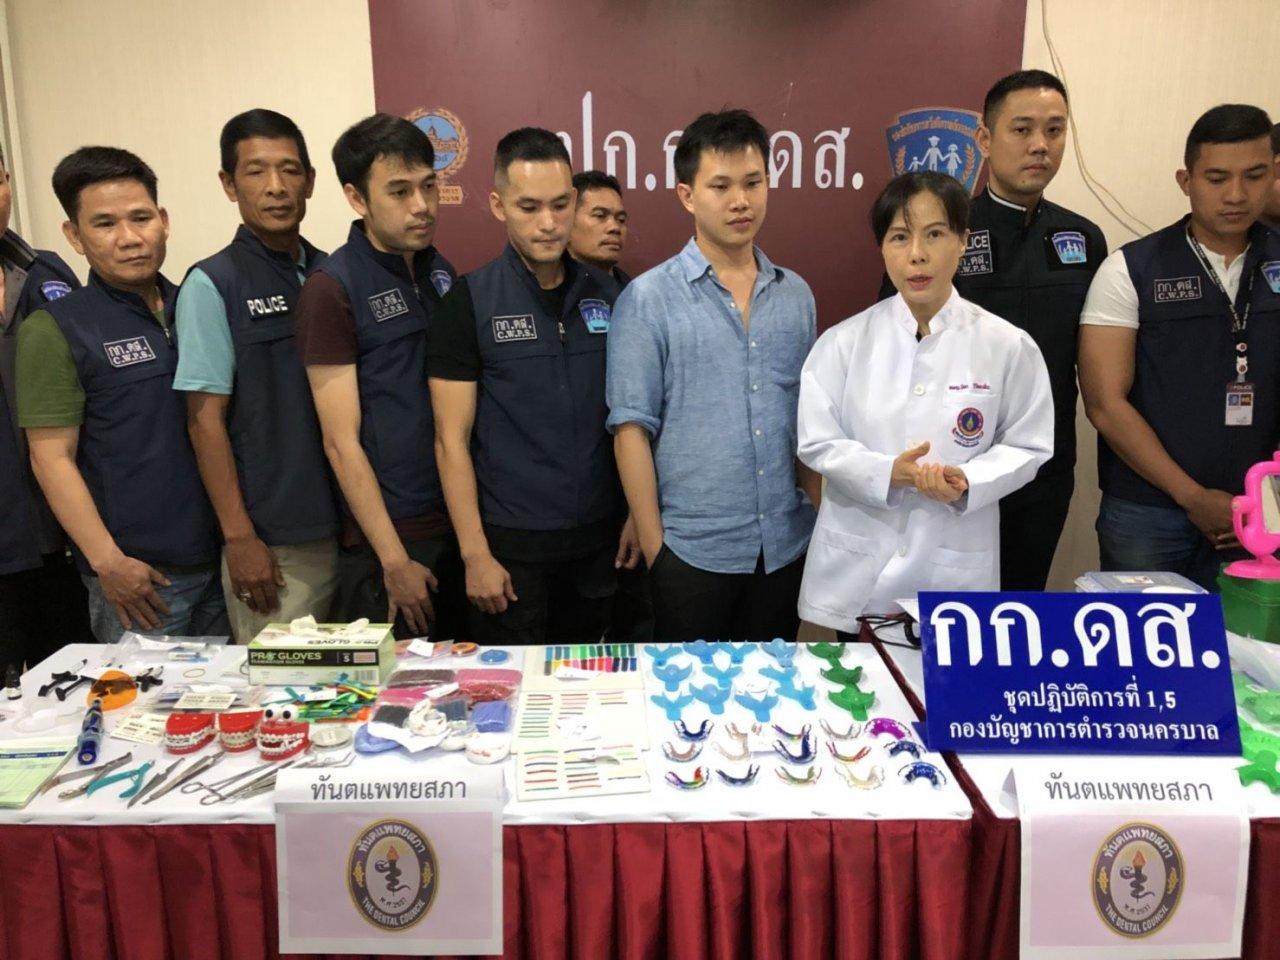 La police thaïlandaise a récemment arrêté deux dentistes amateurs qui proposaient des soins dentaires à des prix extrêmement bas